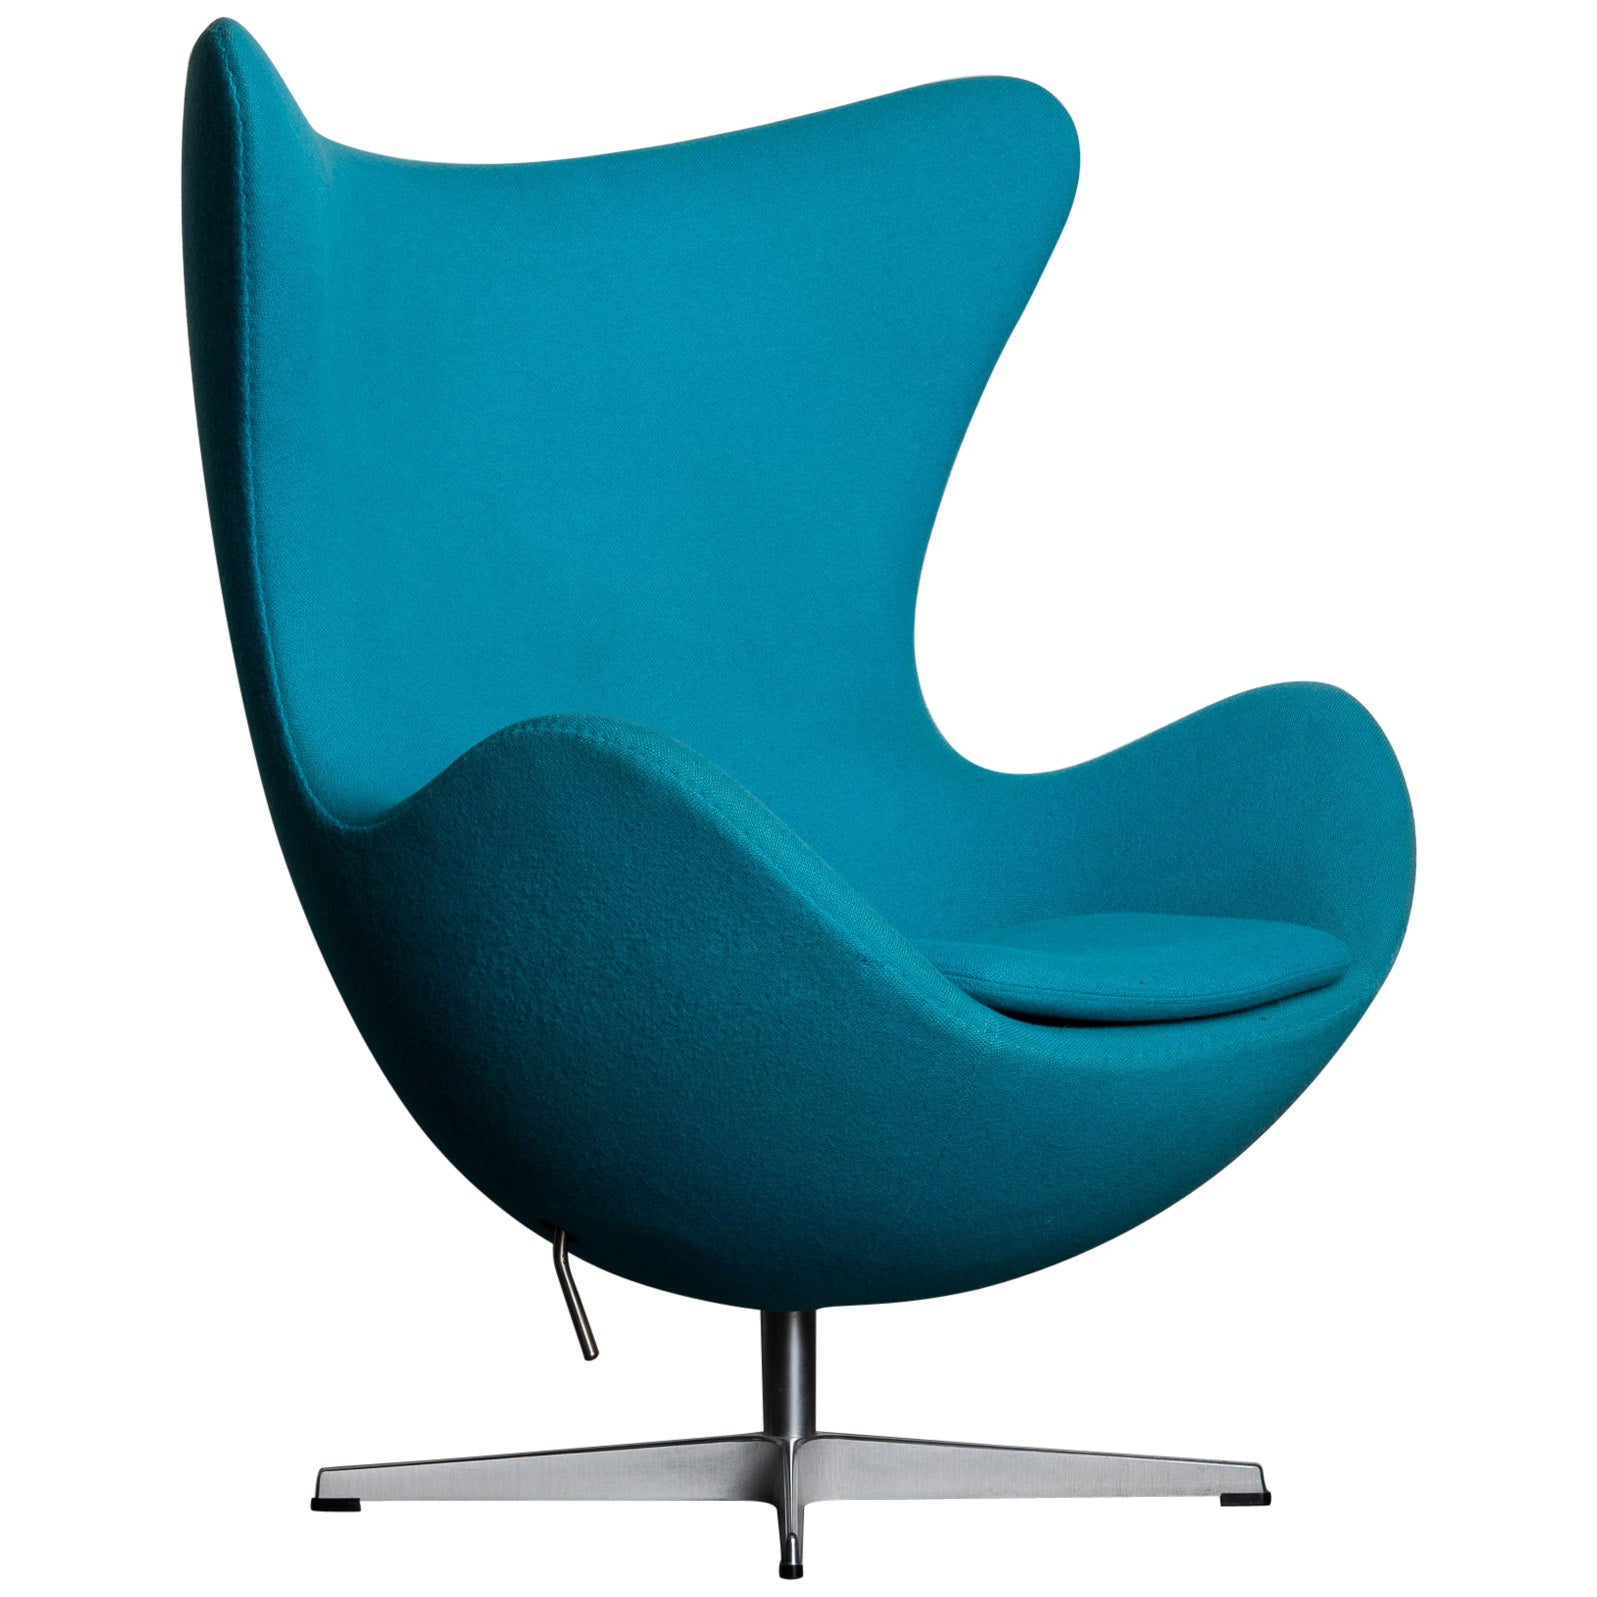 'Egg' Swivel Chair by Arne Jacobsen for Fritz Hansen, Signed